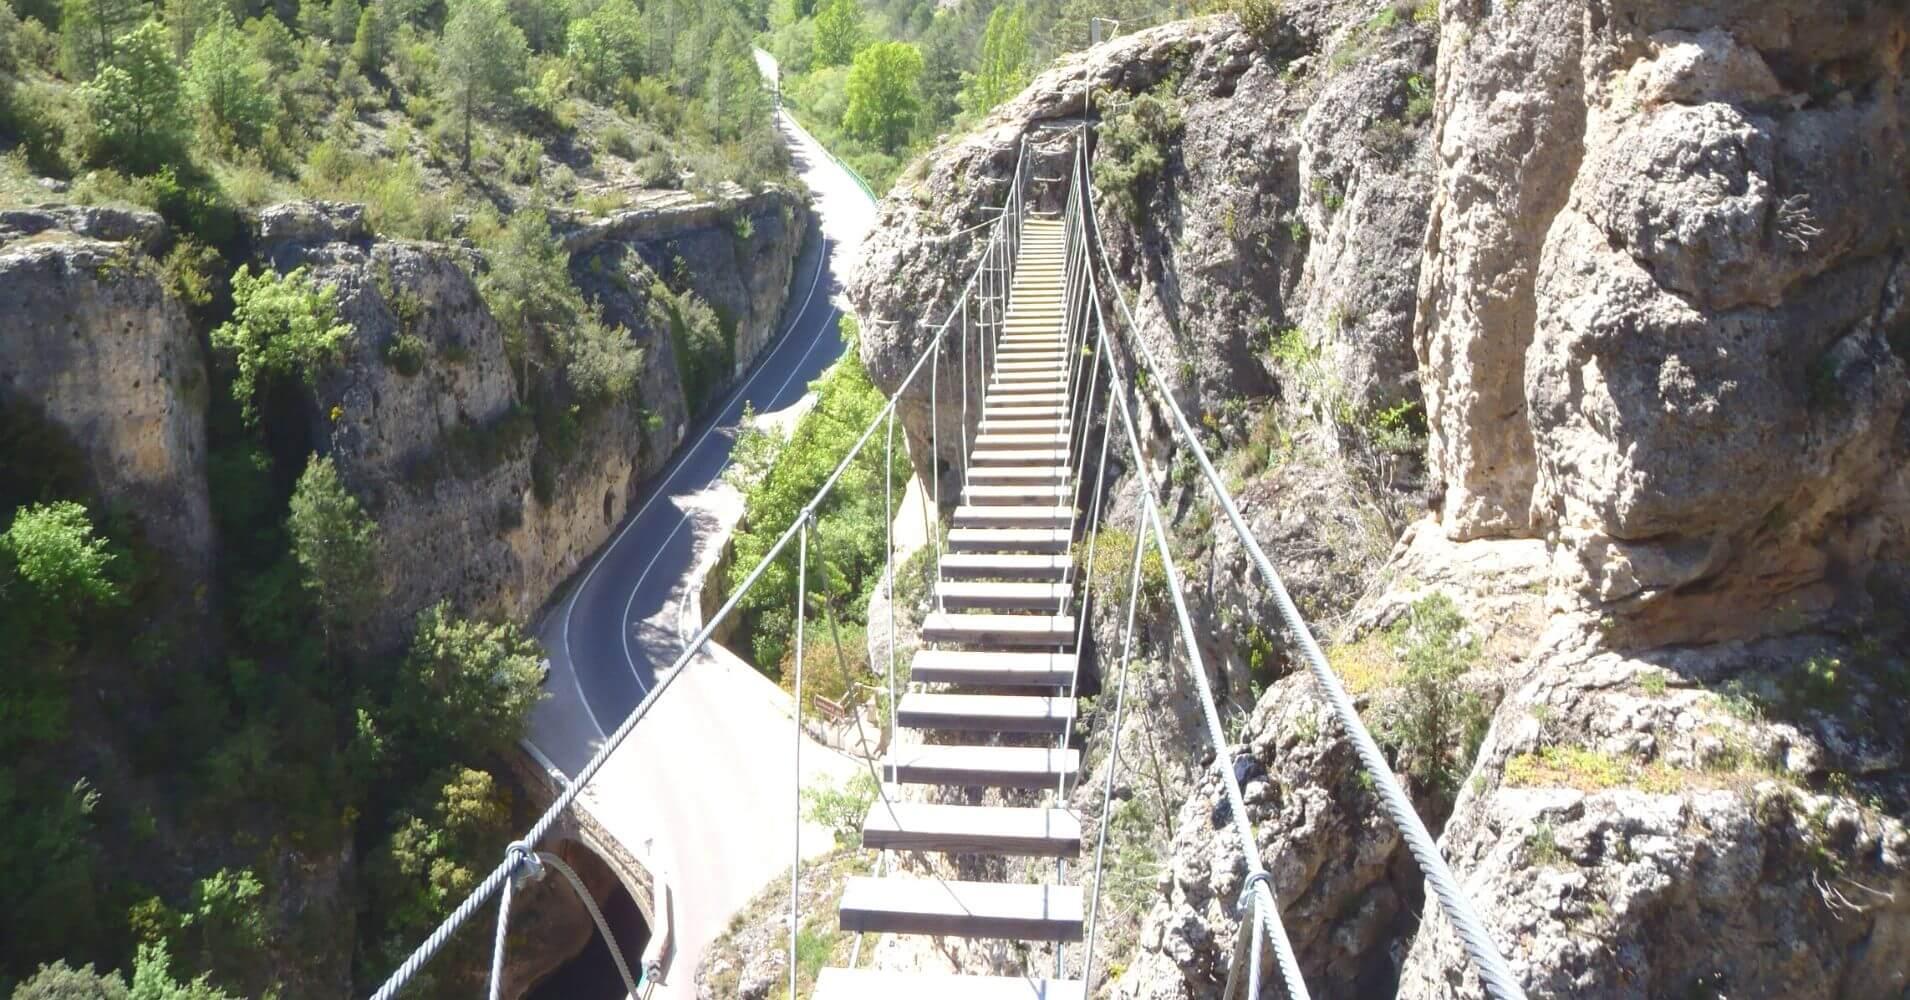 Puente Tibetano de la Ferrata Estrecho de Priego. Cuenca, Castilla la Mancha.